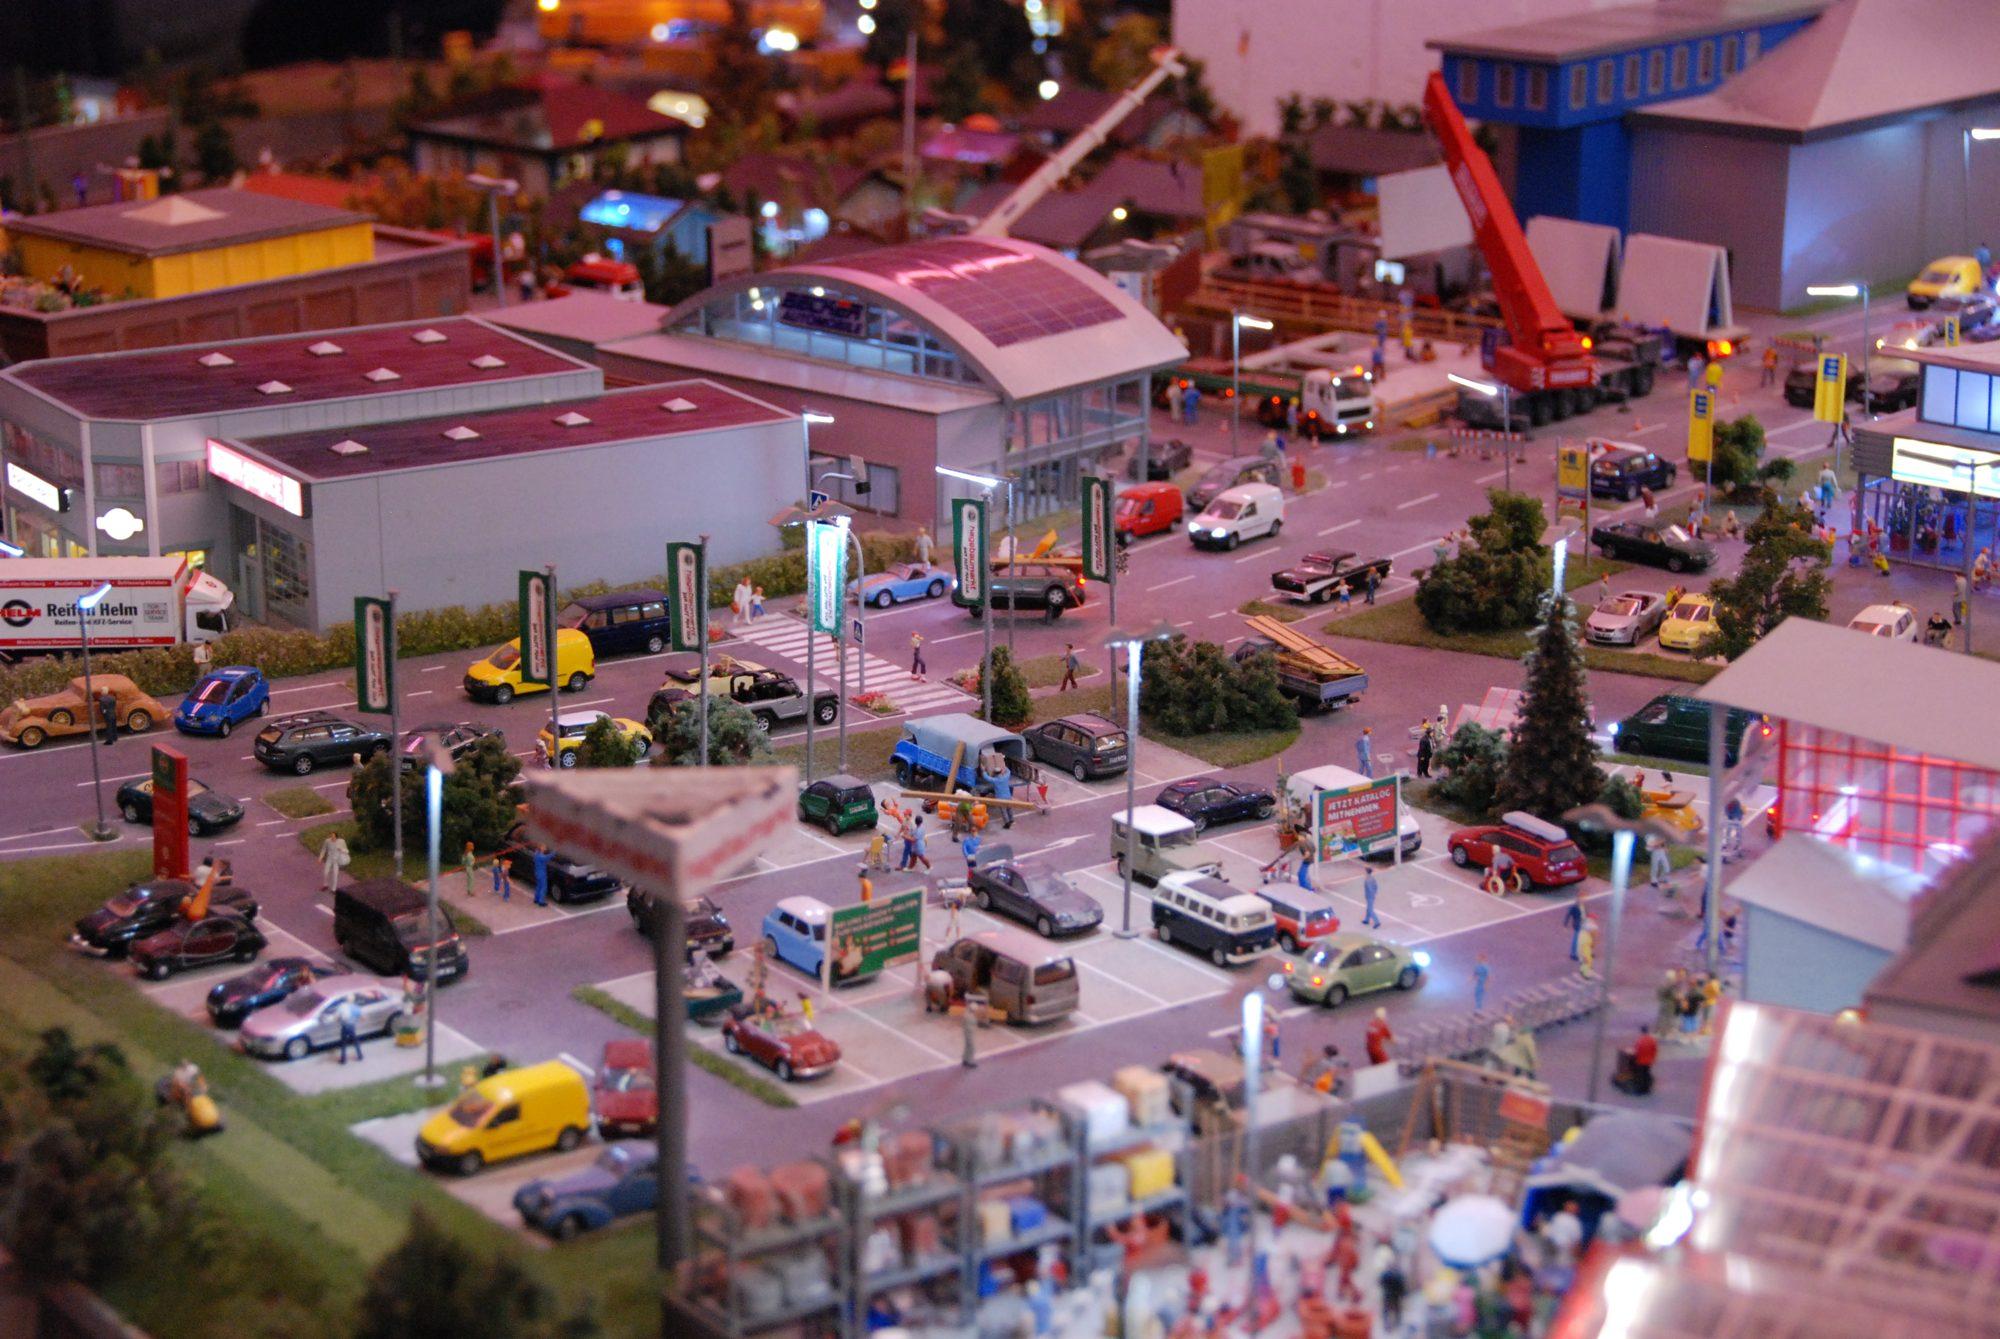 Hamburg - Miniatur Wunderland, Details...